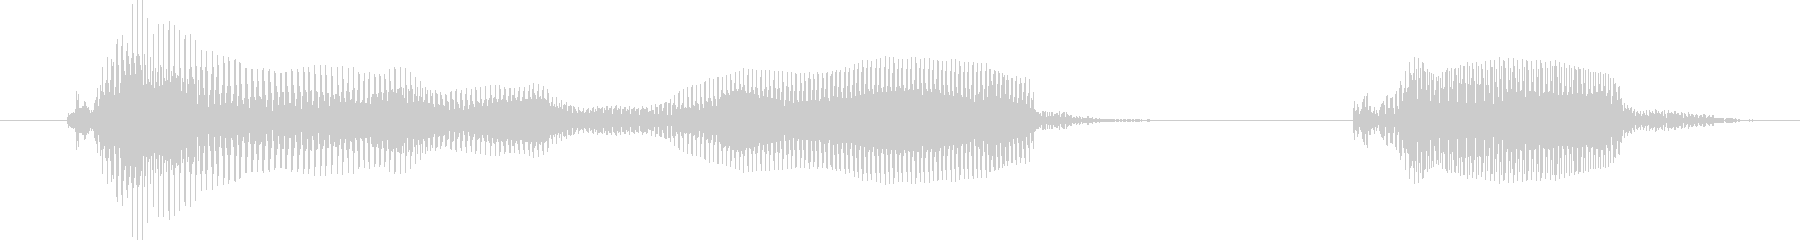 タイムアップ!-明るいトーンの未再生の波形